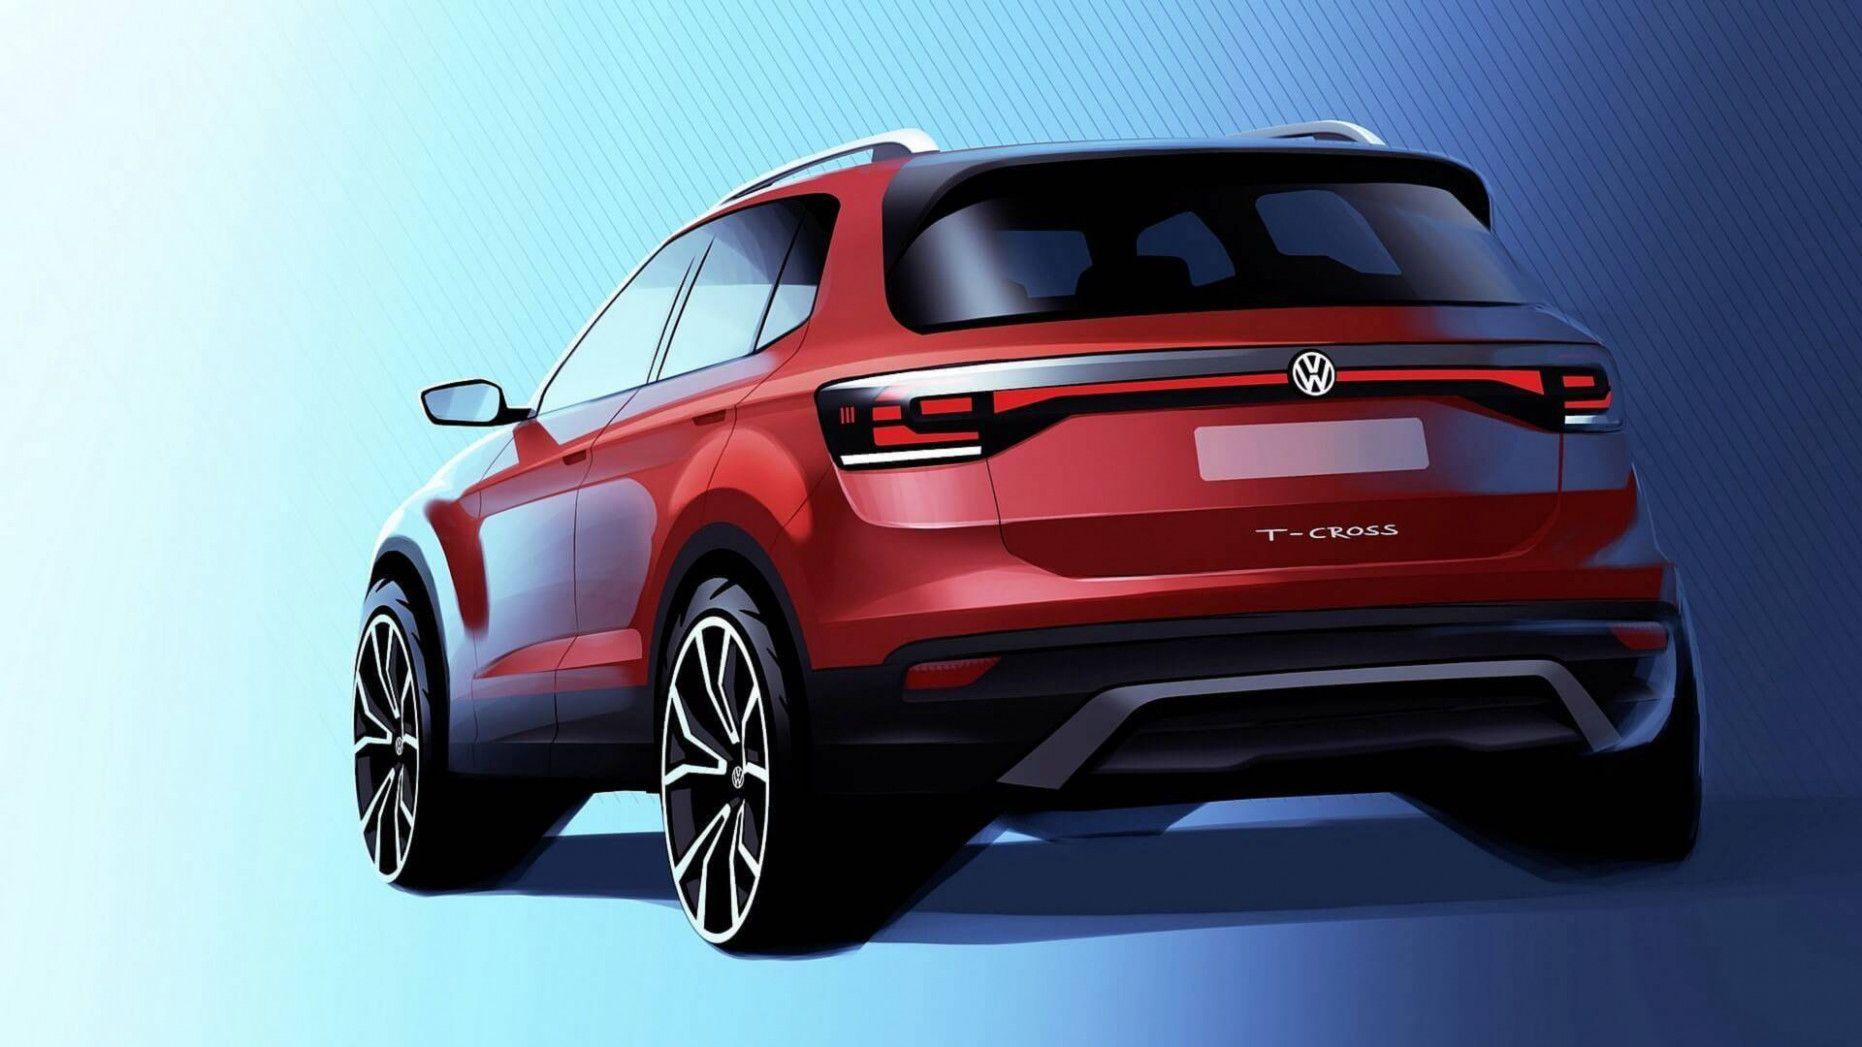 2020 Volkswagen Crossover In 2020 Volkswagen Upcoming Cars Volkswagen Touareg